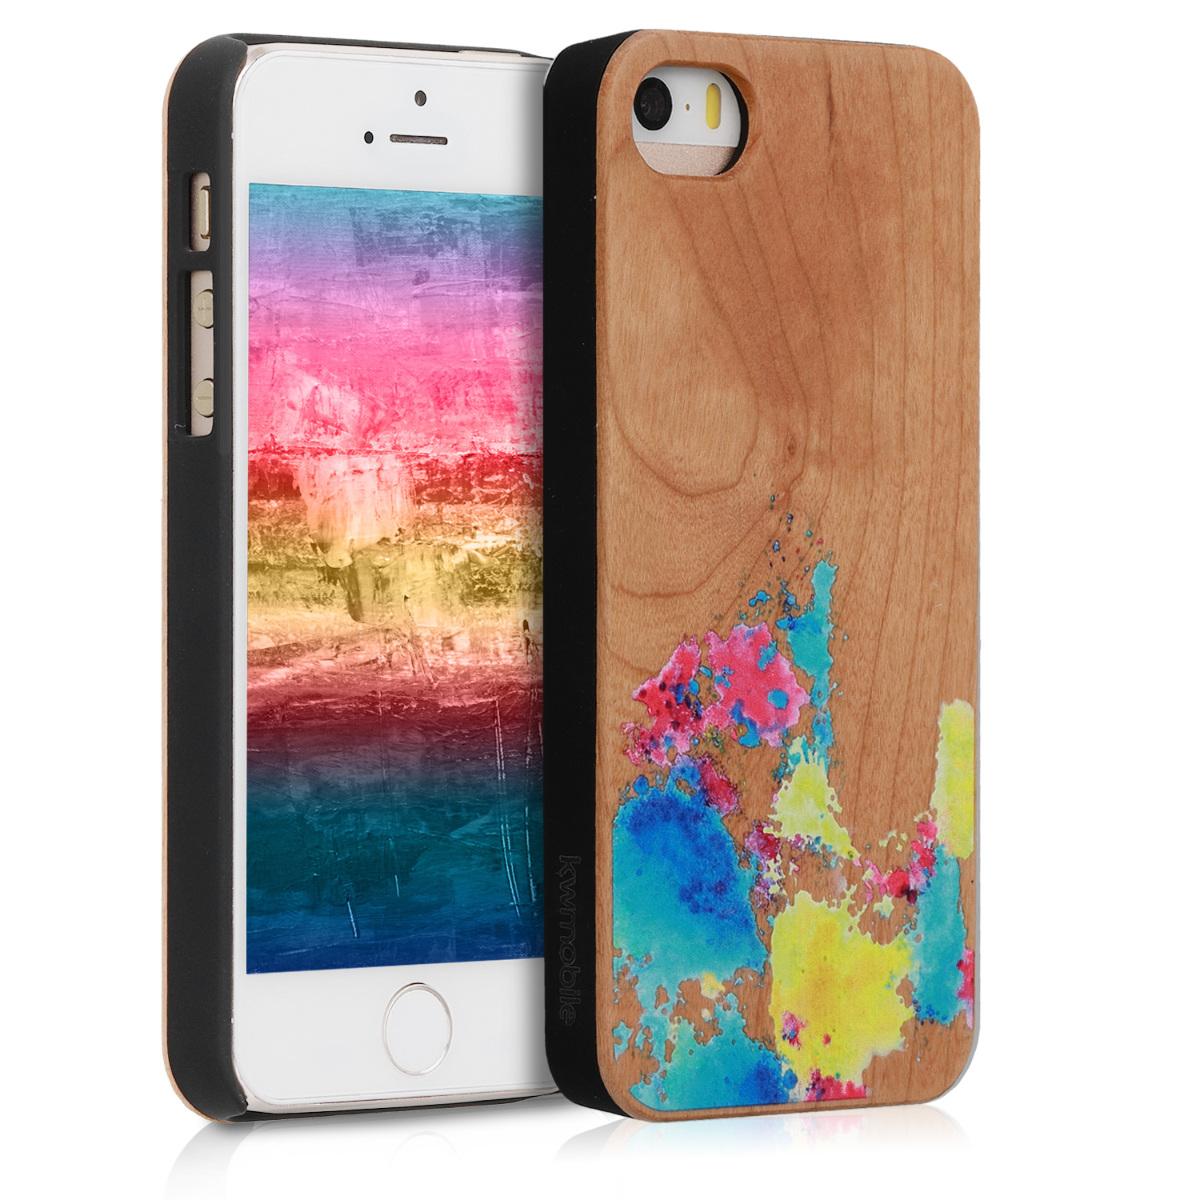 KW Ξύλινη Θήκη iPhone SE / 5S / 5 - Πολύχρωμη (46473.05)